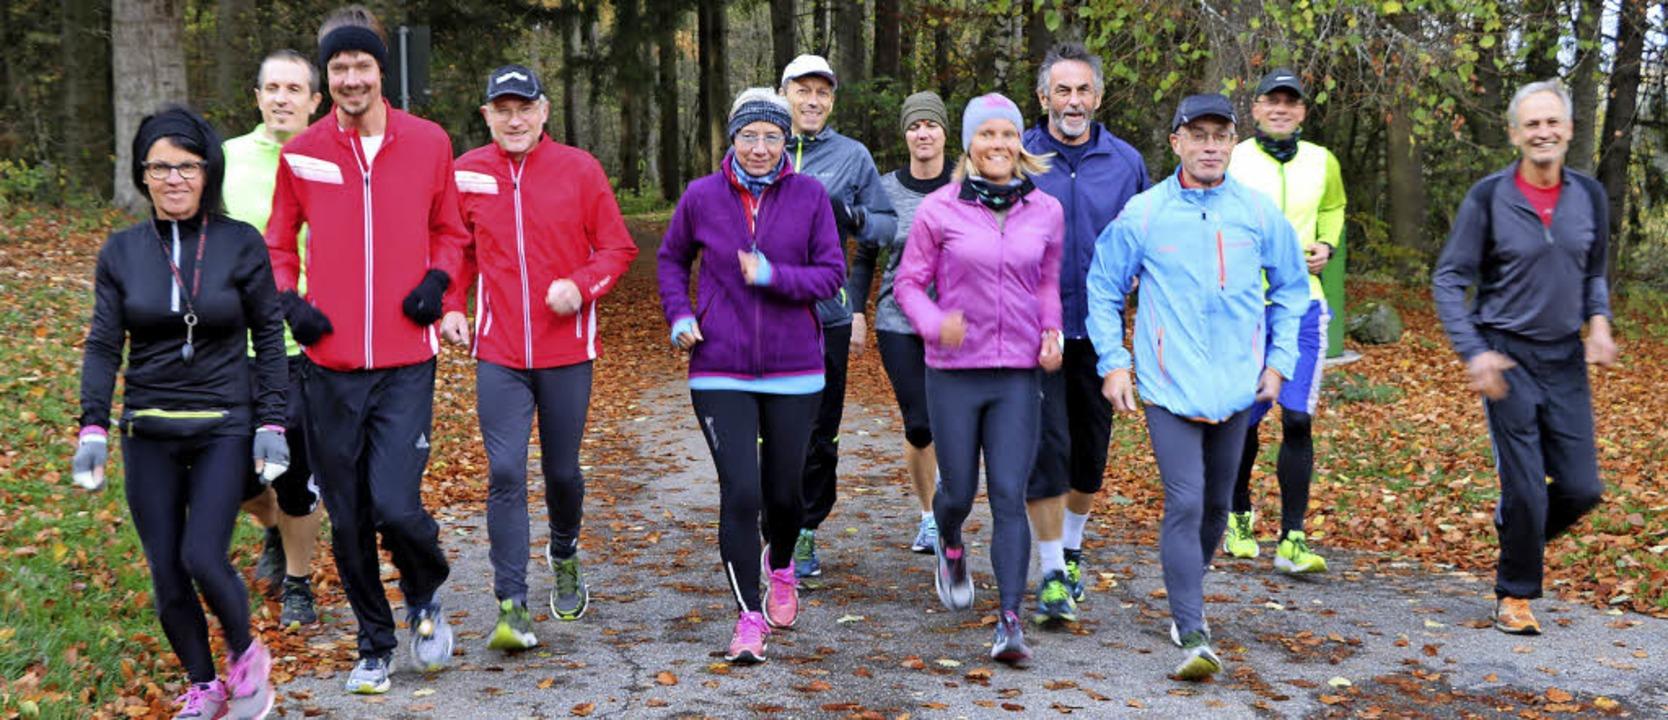 Ohne den Zwang zu Bestzeiten genießen ...chen Halbmarathon in geselliger Runde.  | Foto: Martha Weishaar